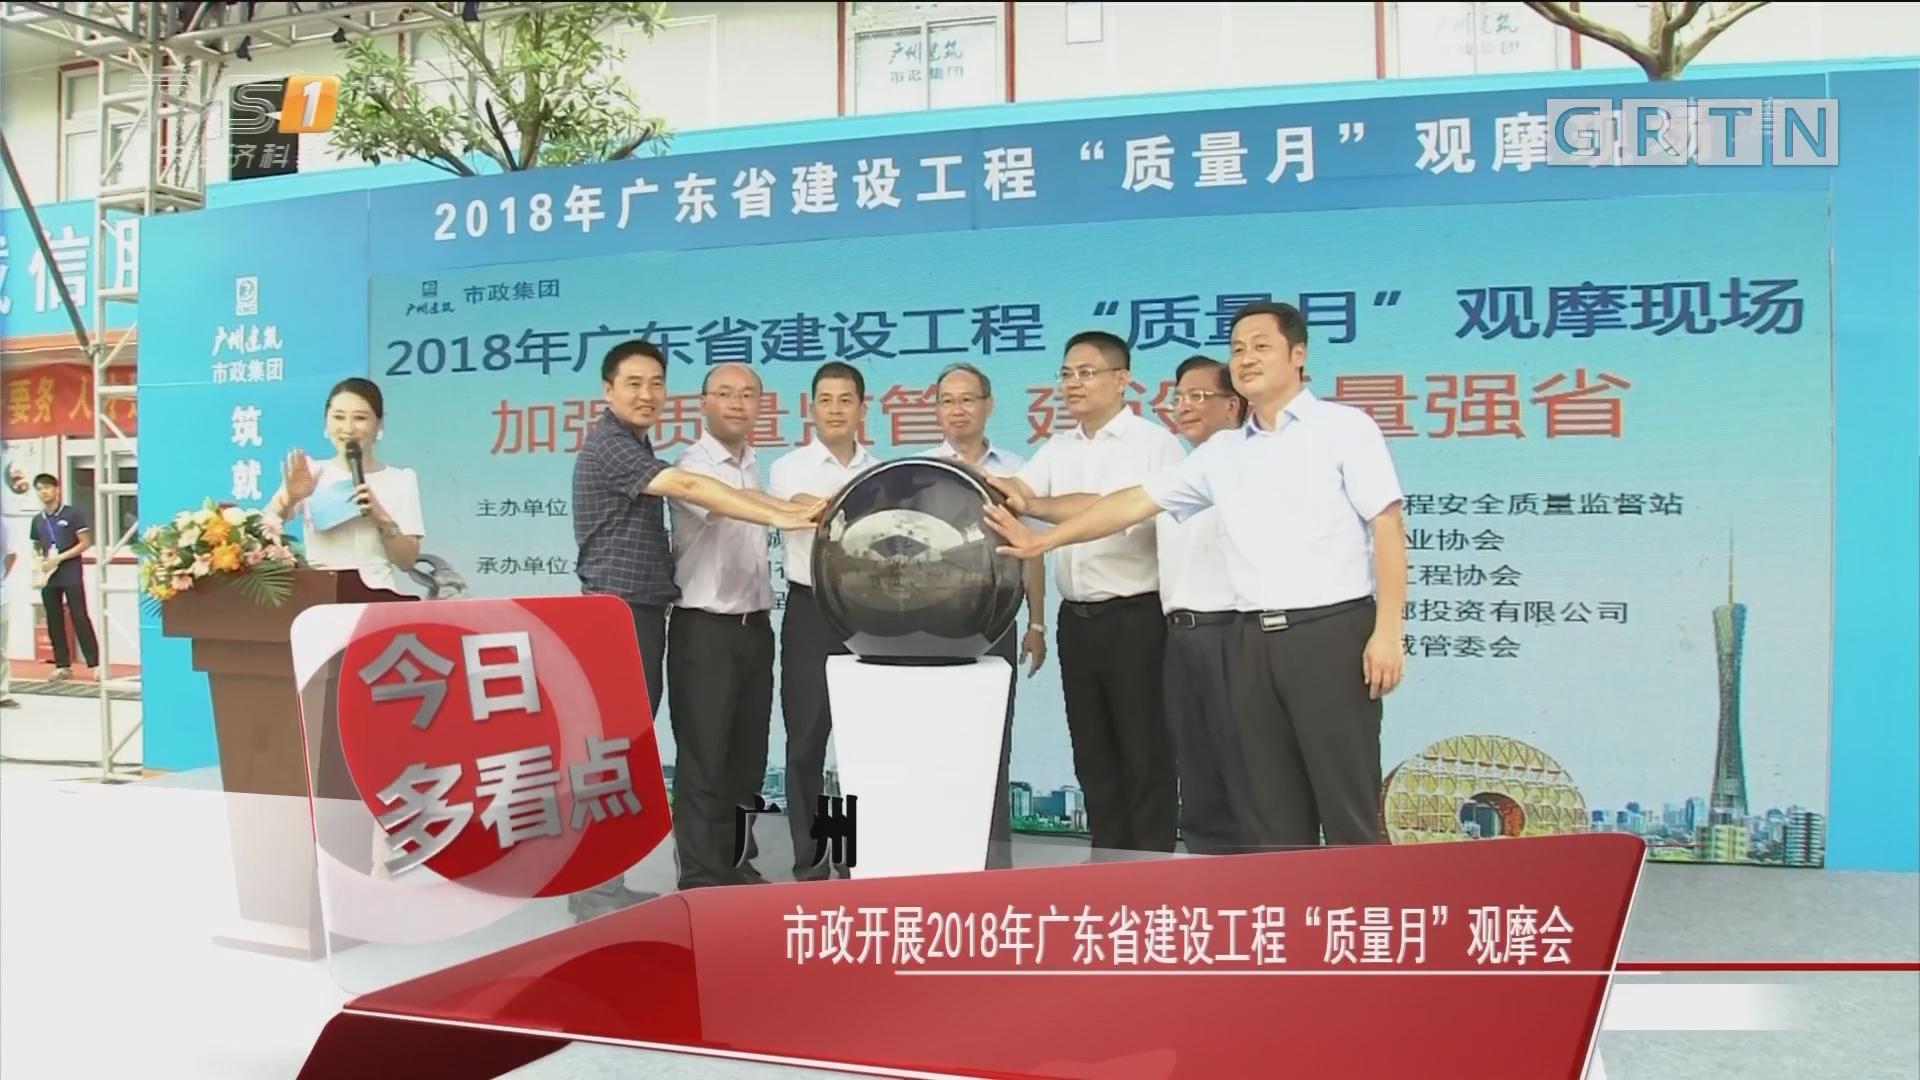 """广州:市政开展2018年广东省建设工程""""质量月""""观摩会"""